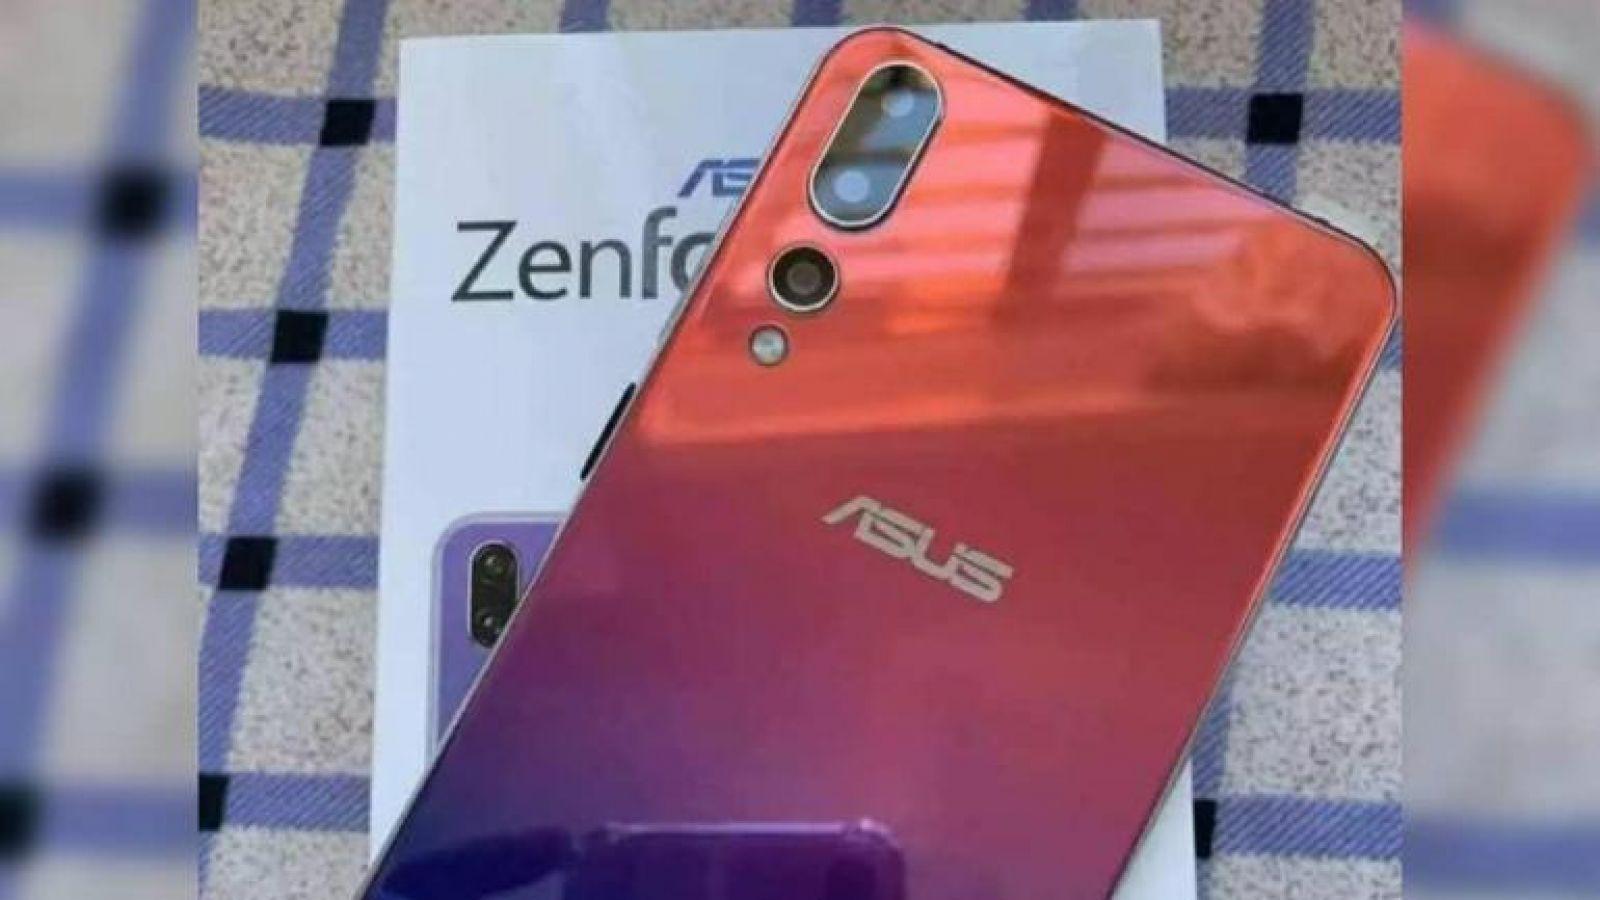 ASUS Zenfone 6Z के फीचर का हुआ खुलासा, जानिए लॉन्च डेट